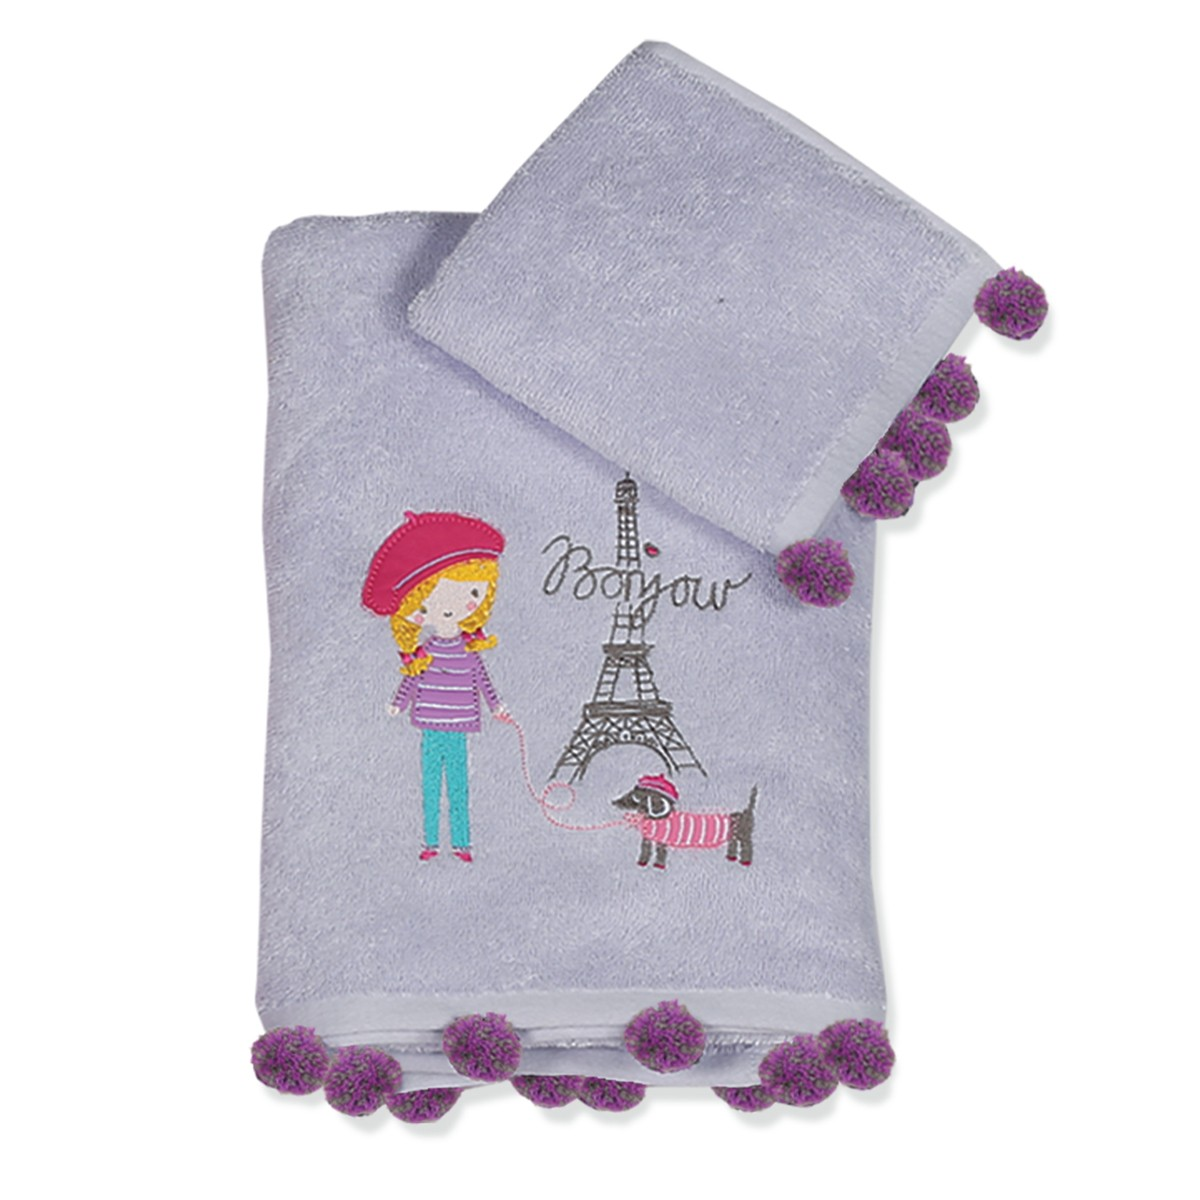 Παιδικές Πετσέτες (Σετ 2τμχ) Nef-Nef Junior Bonjour